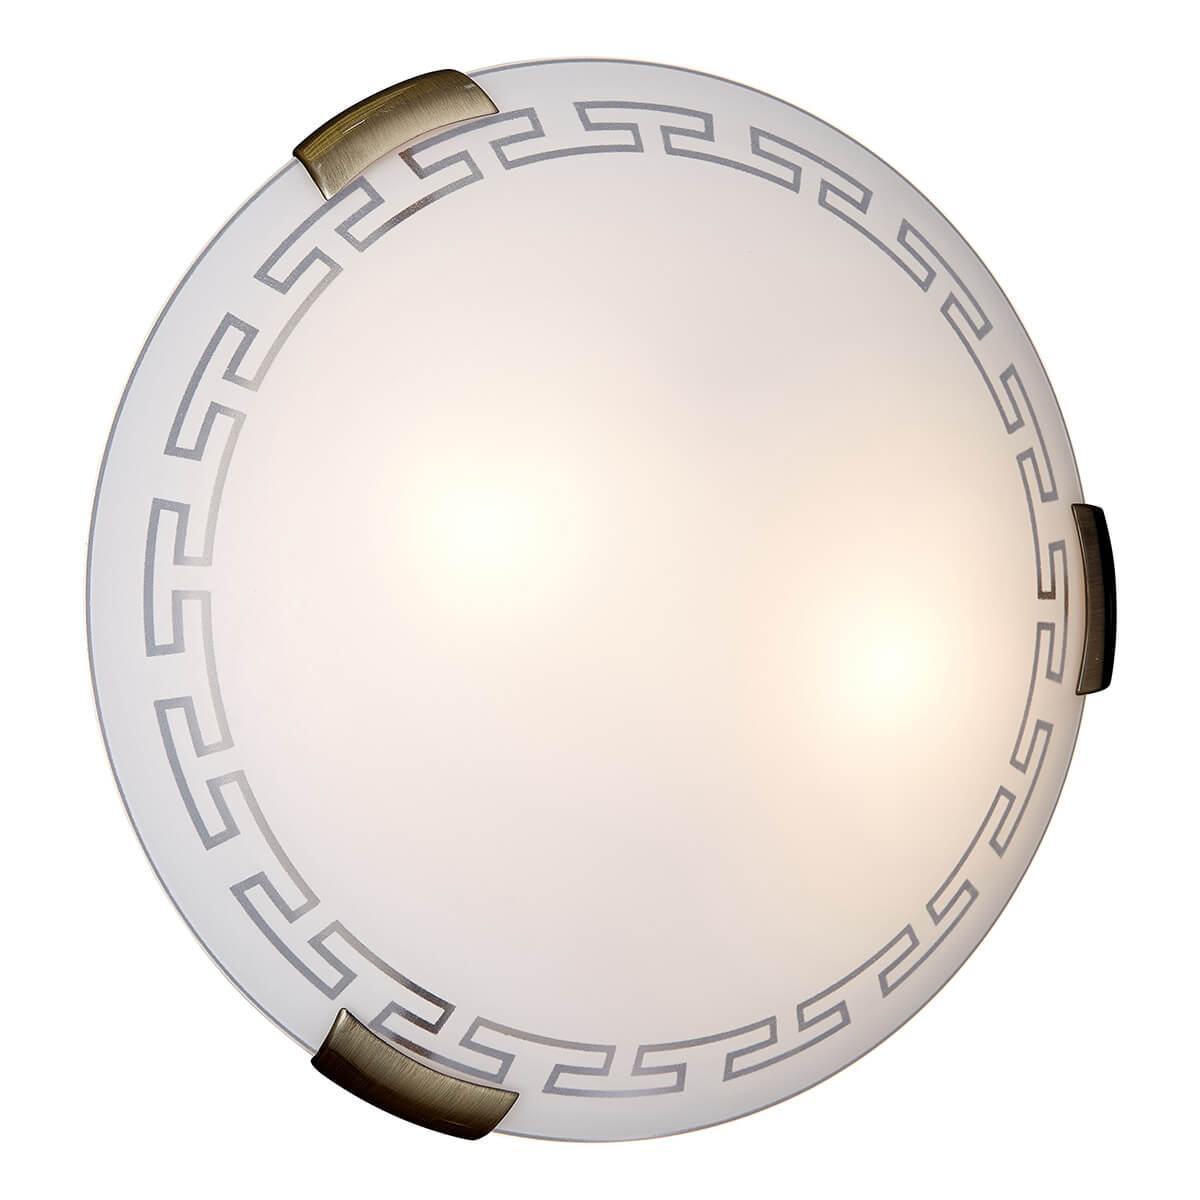 Светильник Sonex 361 потолочный светильник sonex накладной потолочный 1219 a